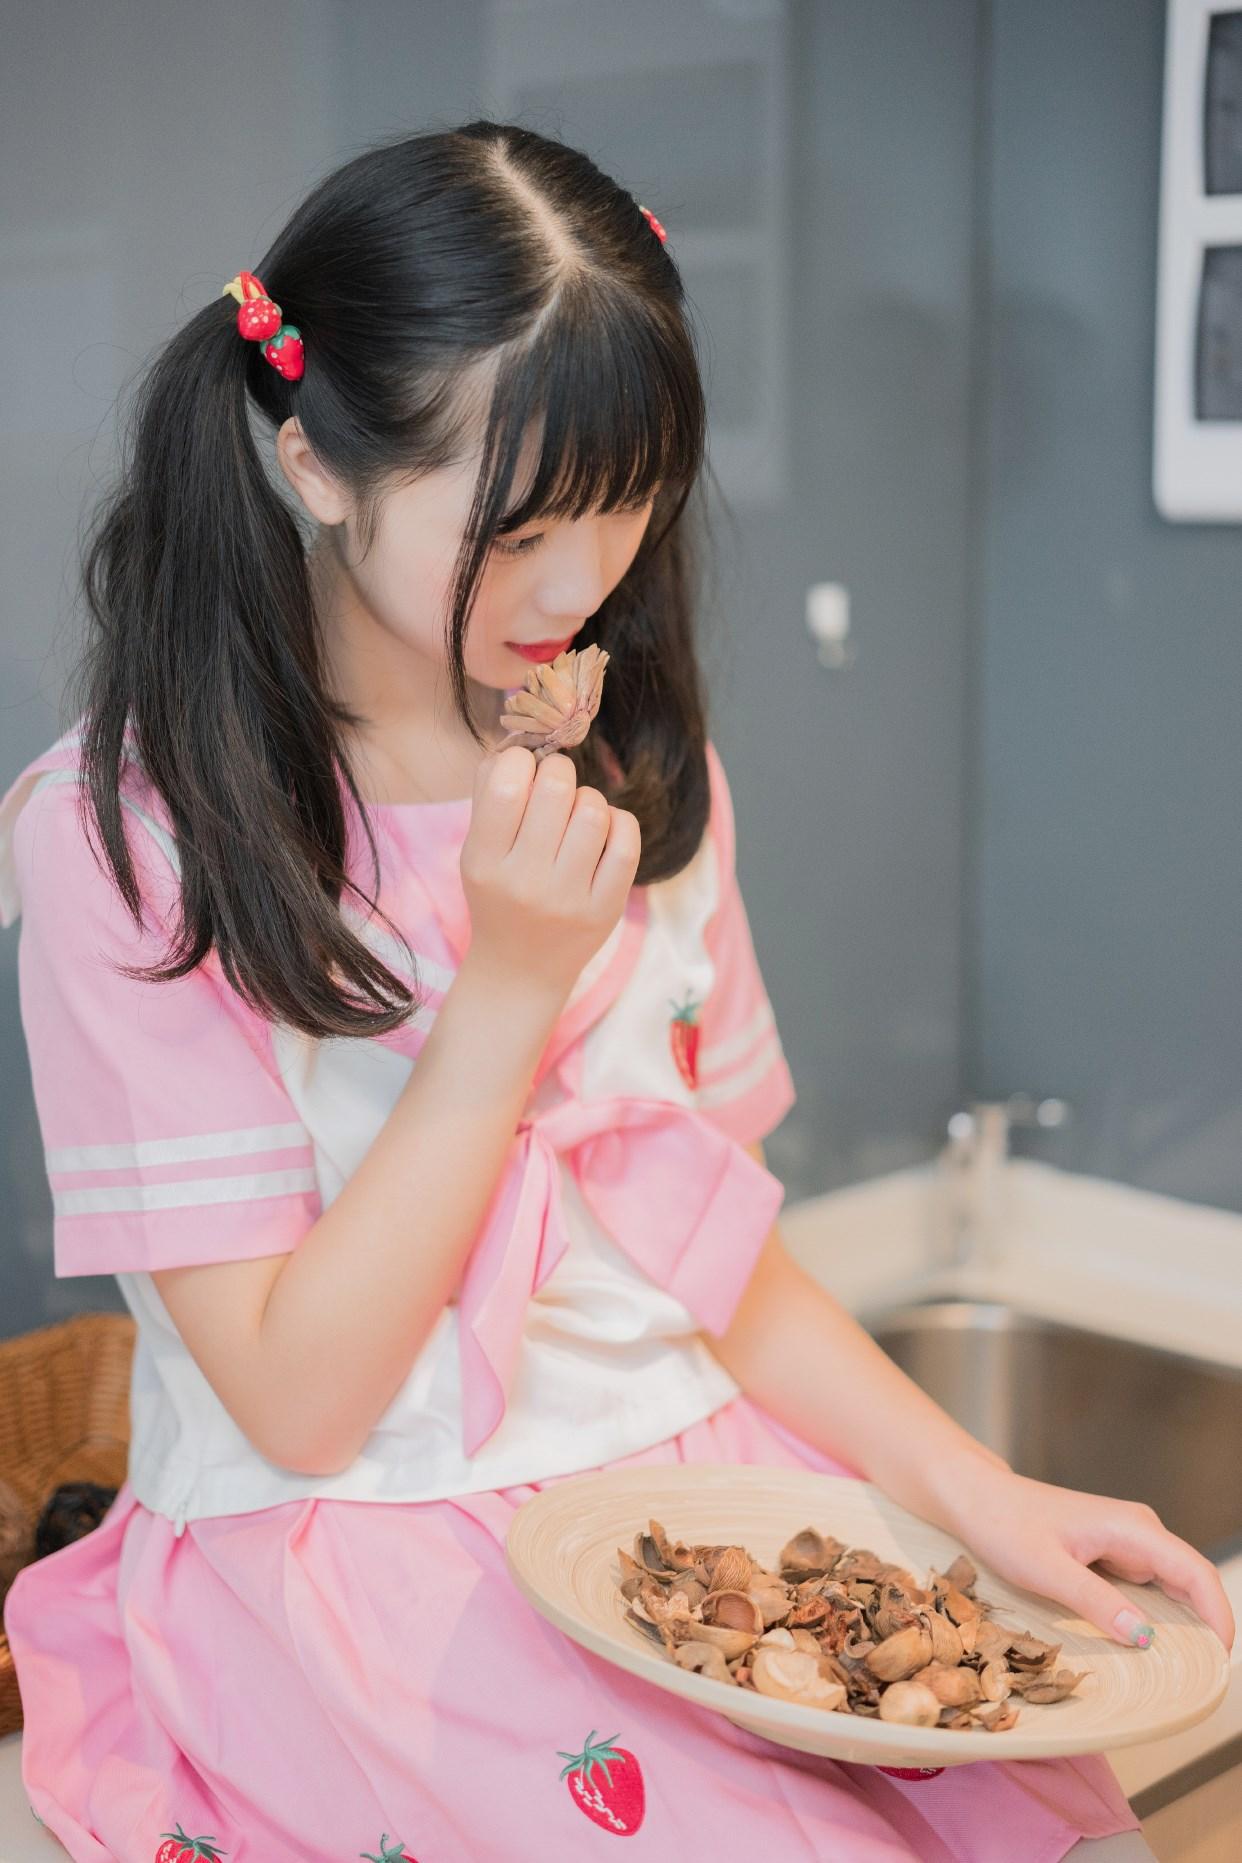 【兔玩映画】粉色草莓JK 兔玩映画 第25张